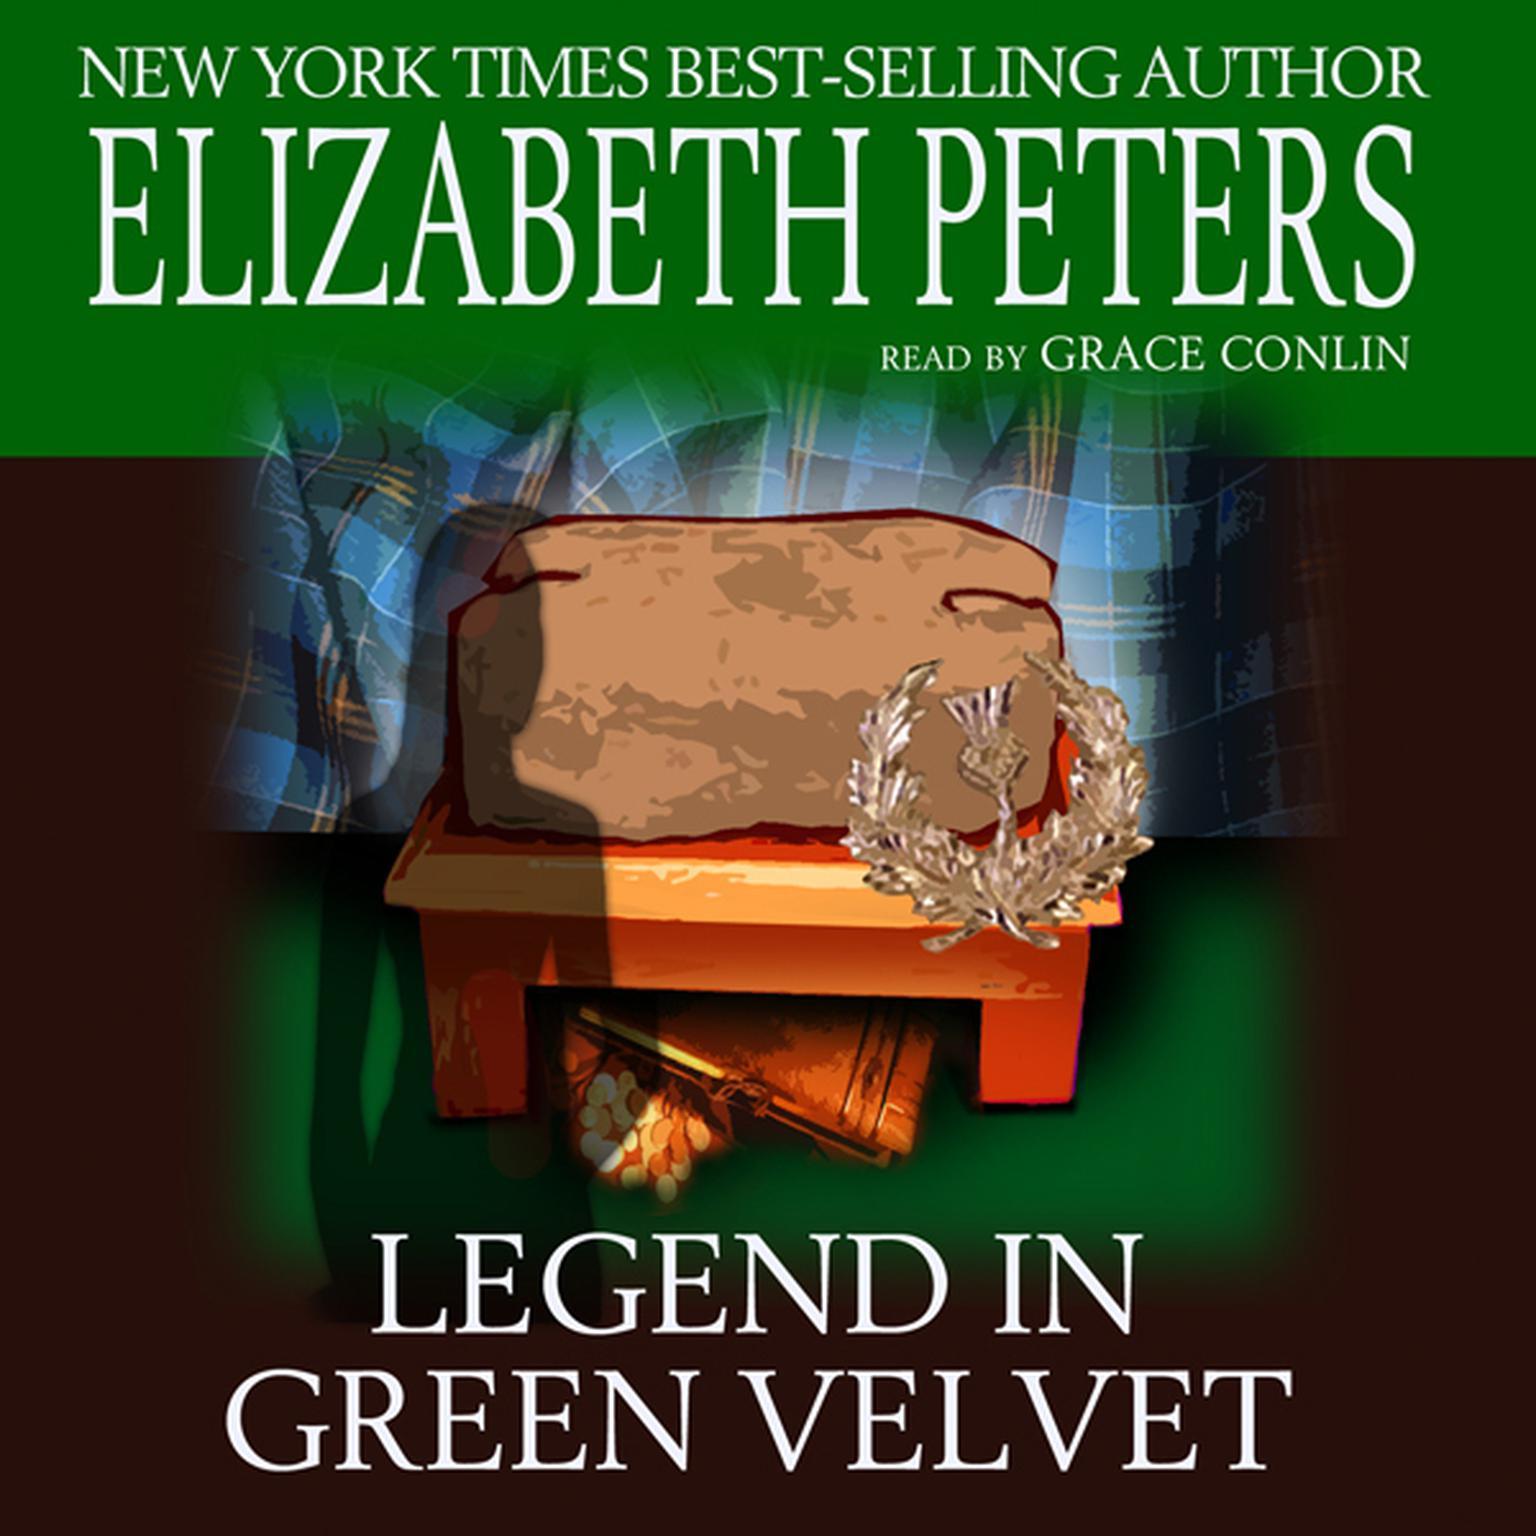 Printable Legend in Green Velvet Audiobook Cover Art